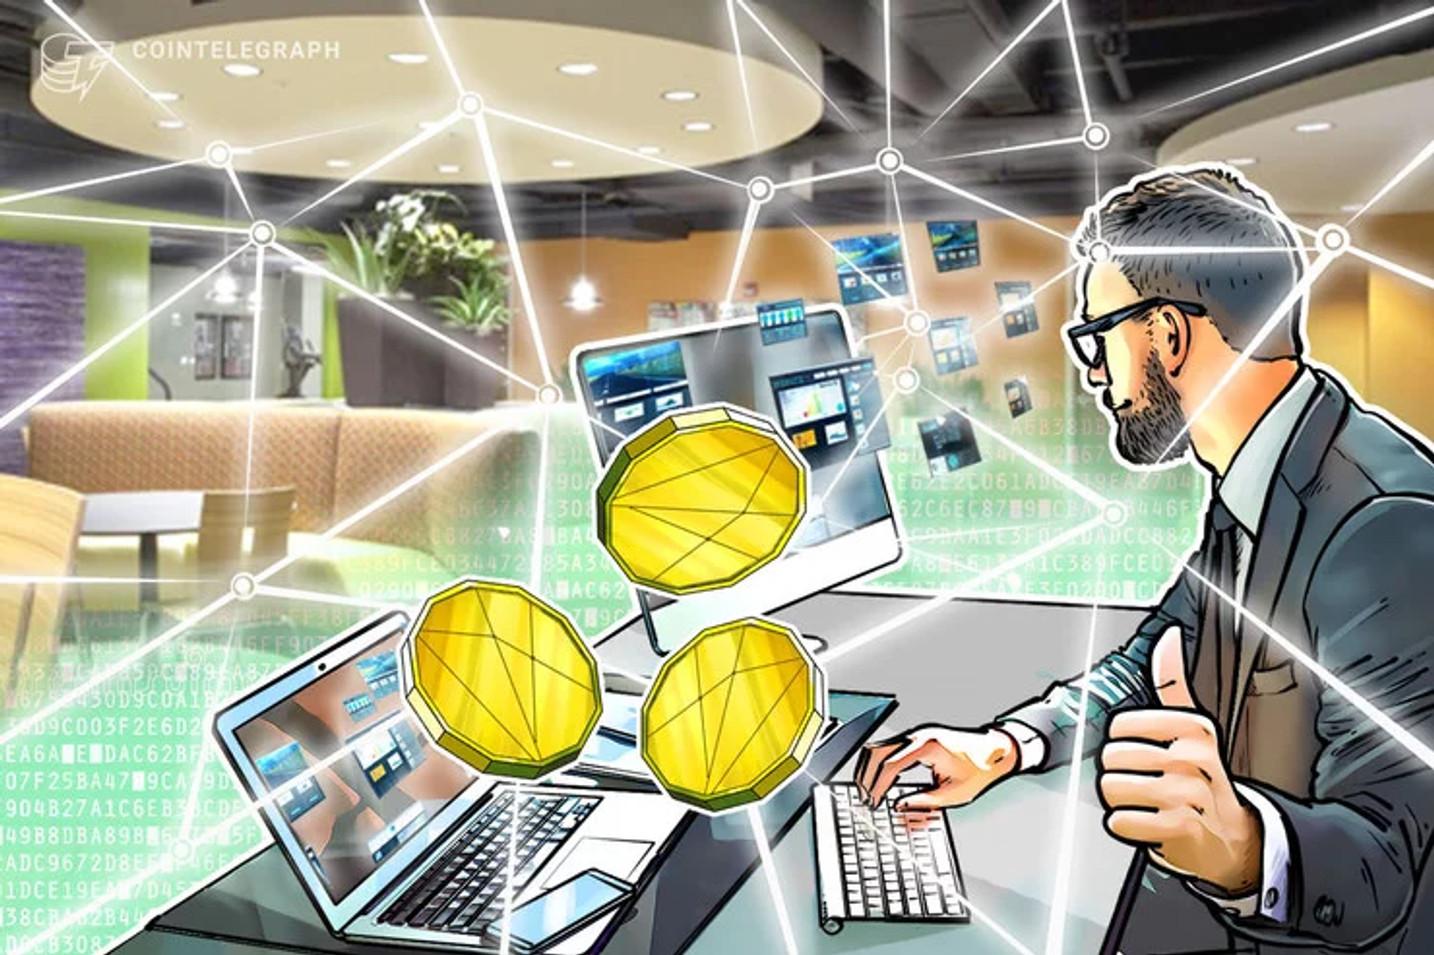 BlockchainBH realiza campanha para ajudar moradores de rua por meio de Bitcoin e criptomoedas